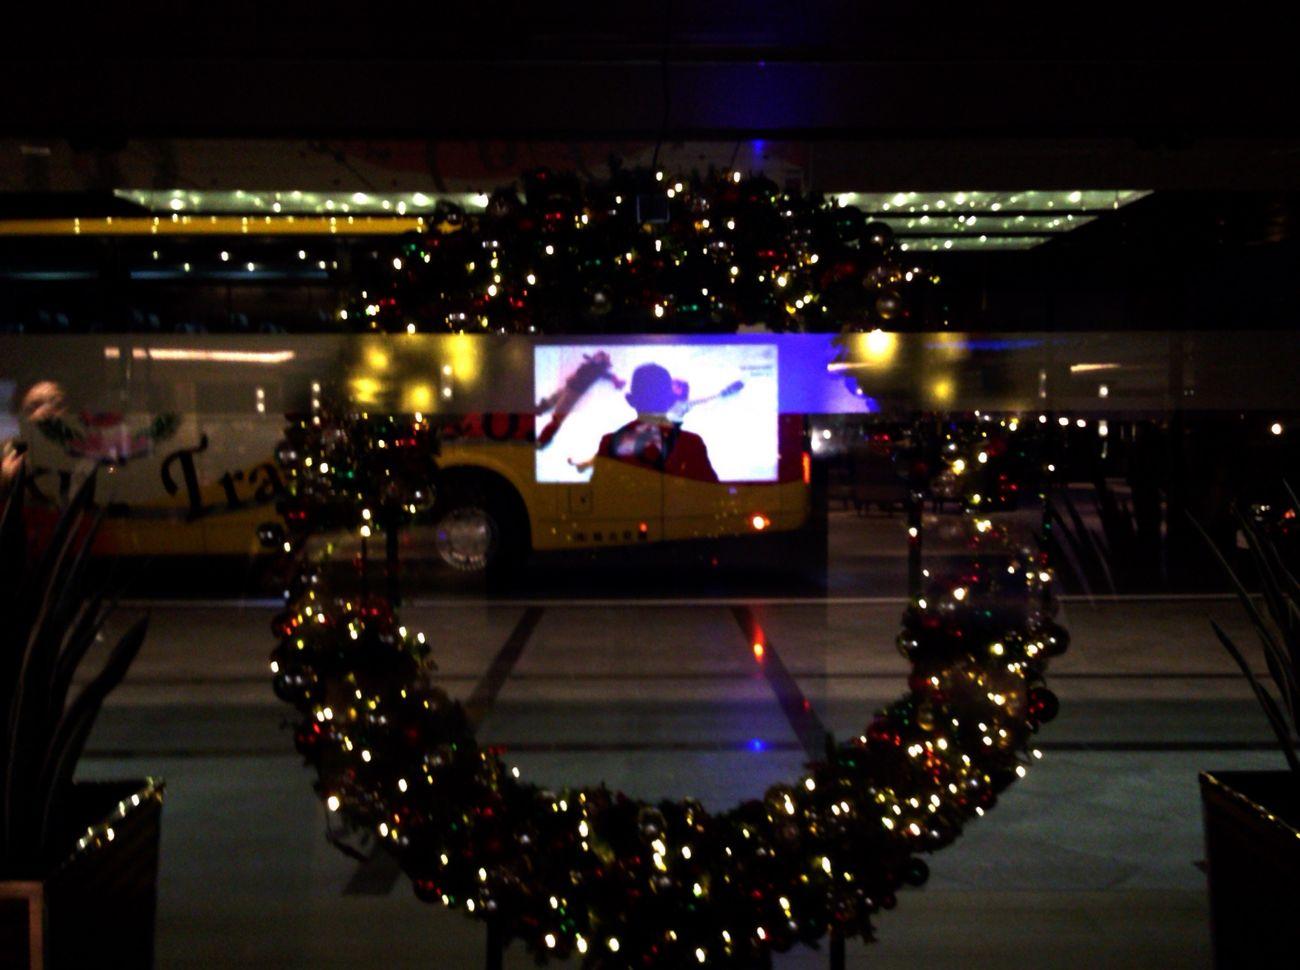 Christmas Tv 🎶 SLOWCLUB - Christmas TV